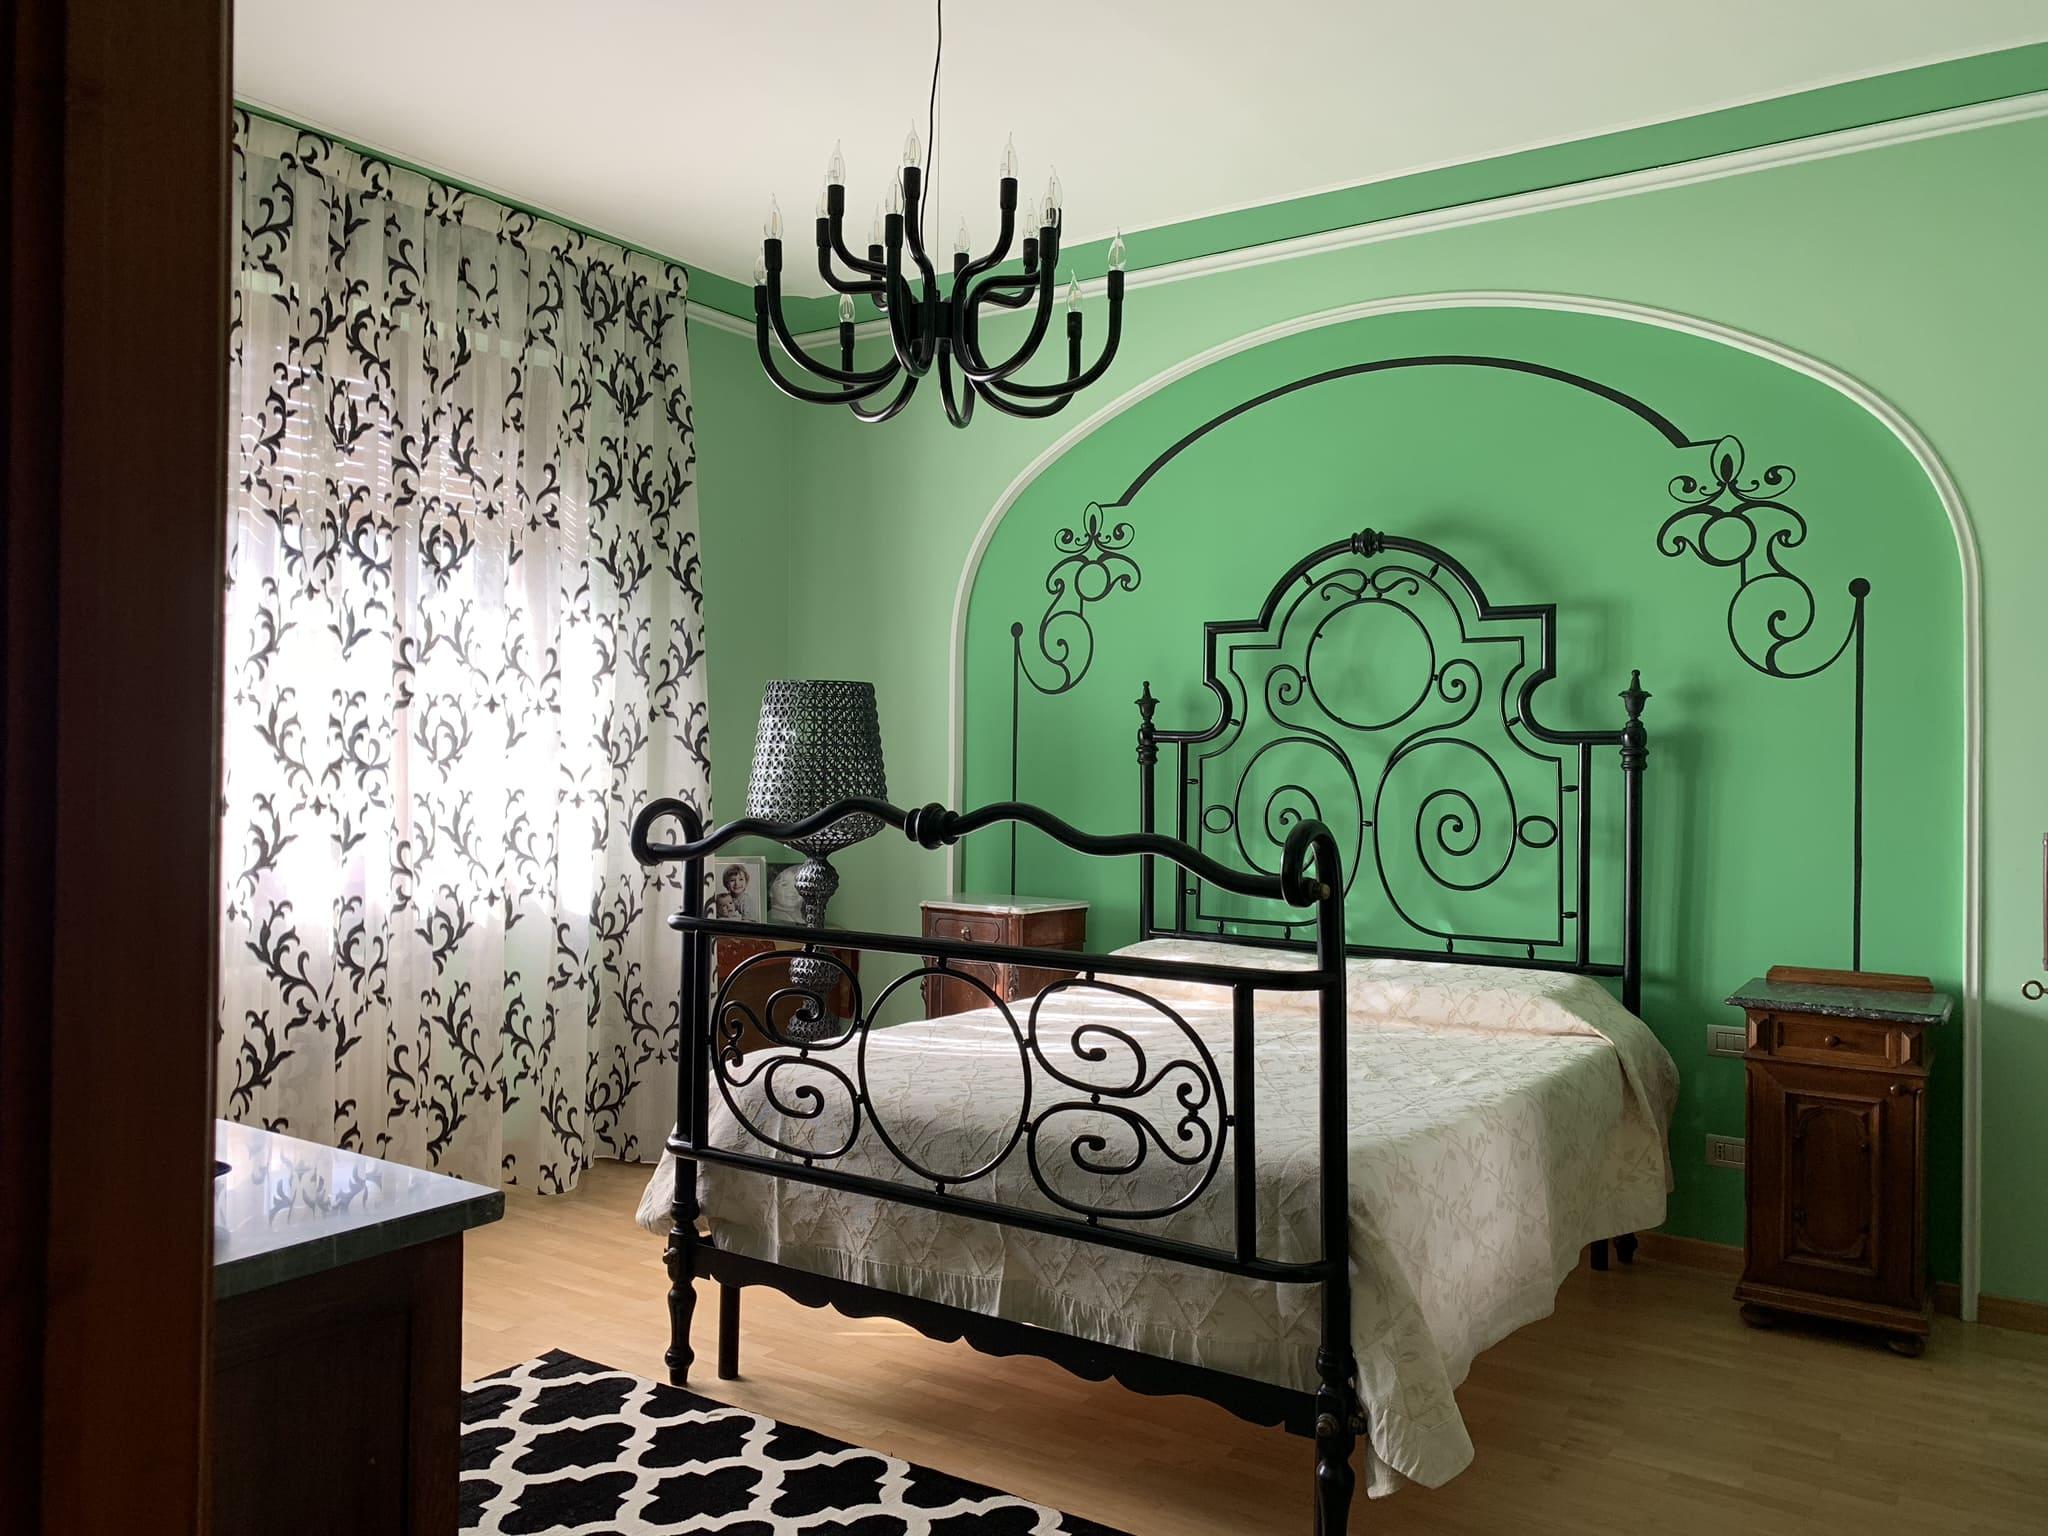 Decorazioni pittoriche su pareti   Pitture murali artisitiche